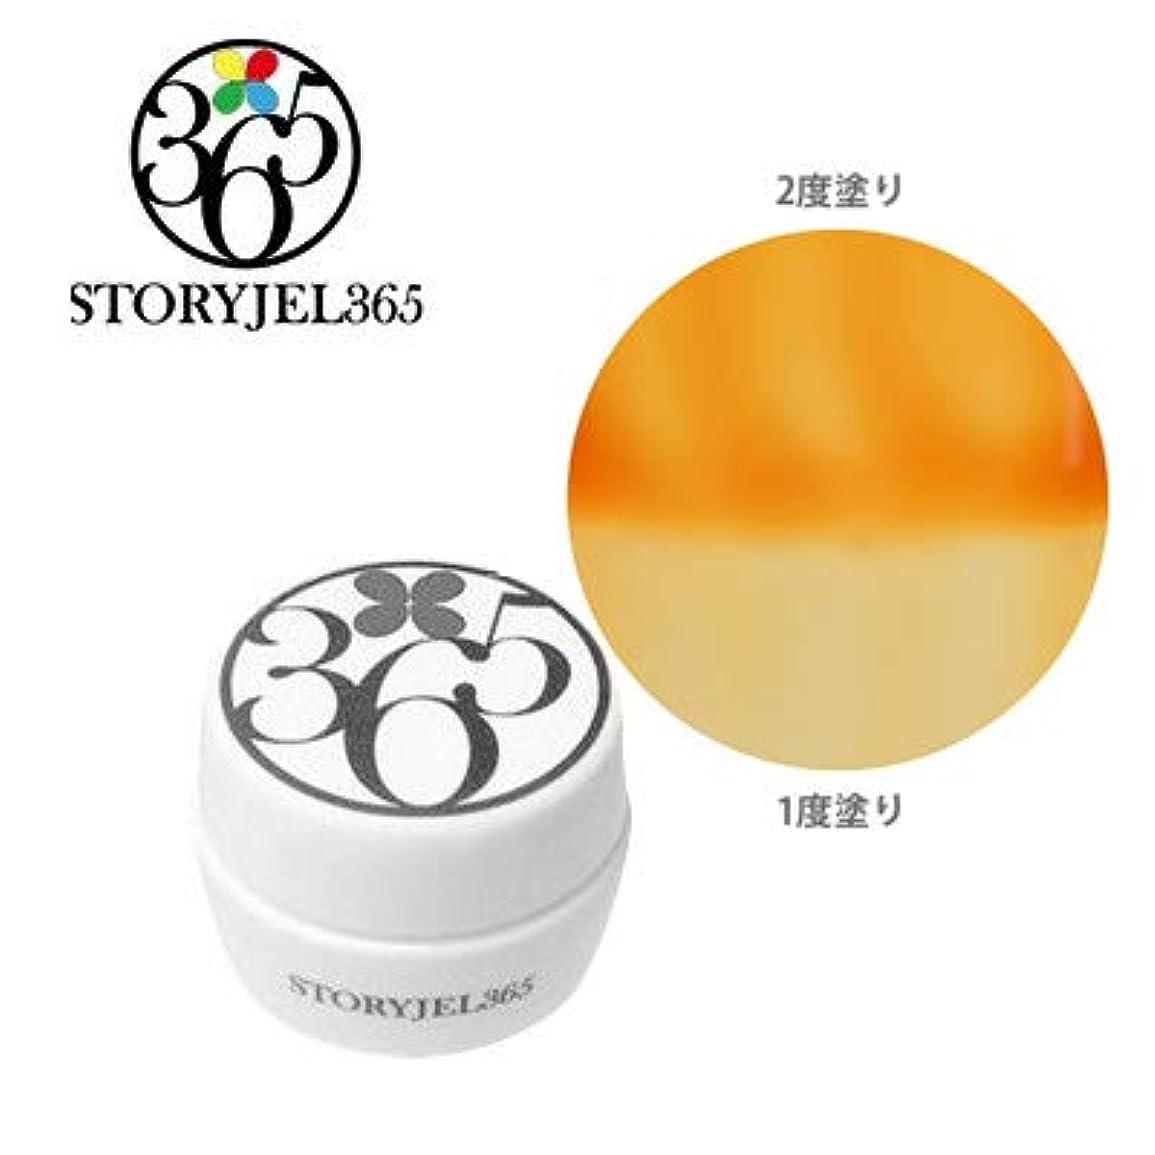 シャンパン黙であるSTORY JEL365 カラージェル SJS-168S サンセット